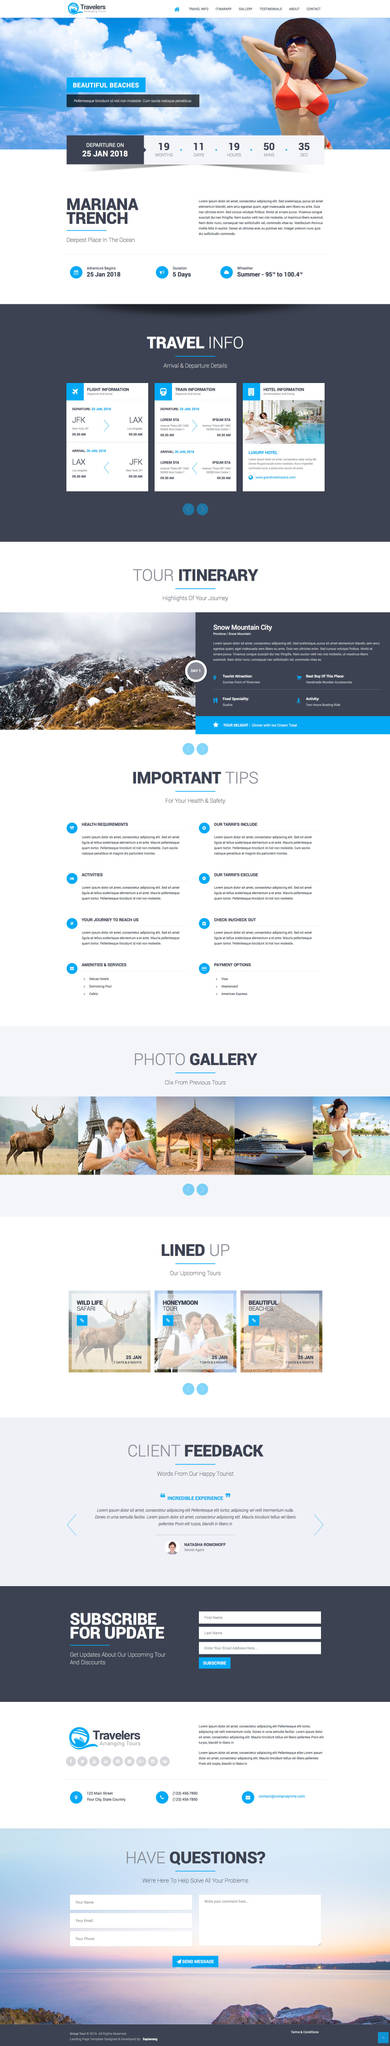 Travelers Landing Page